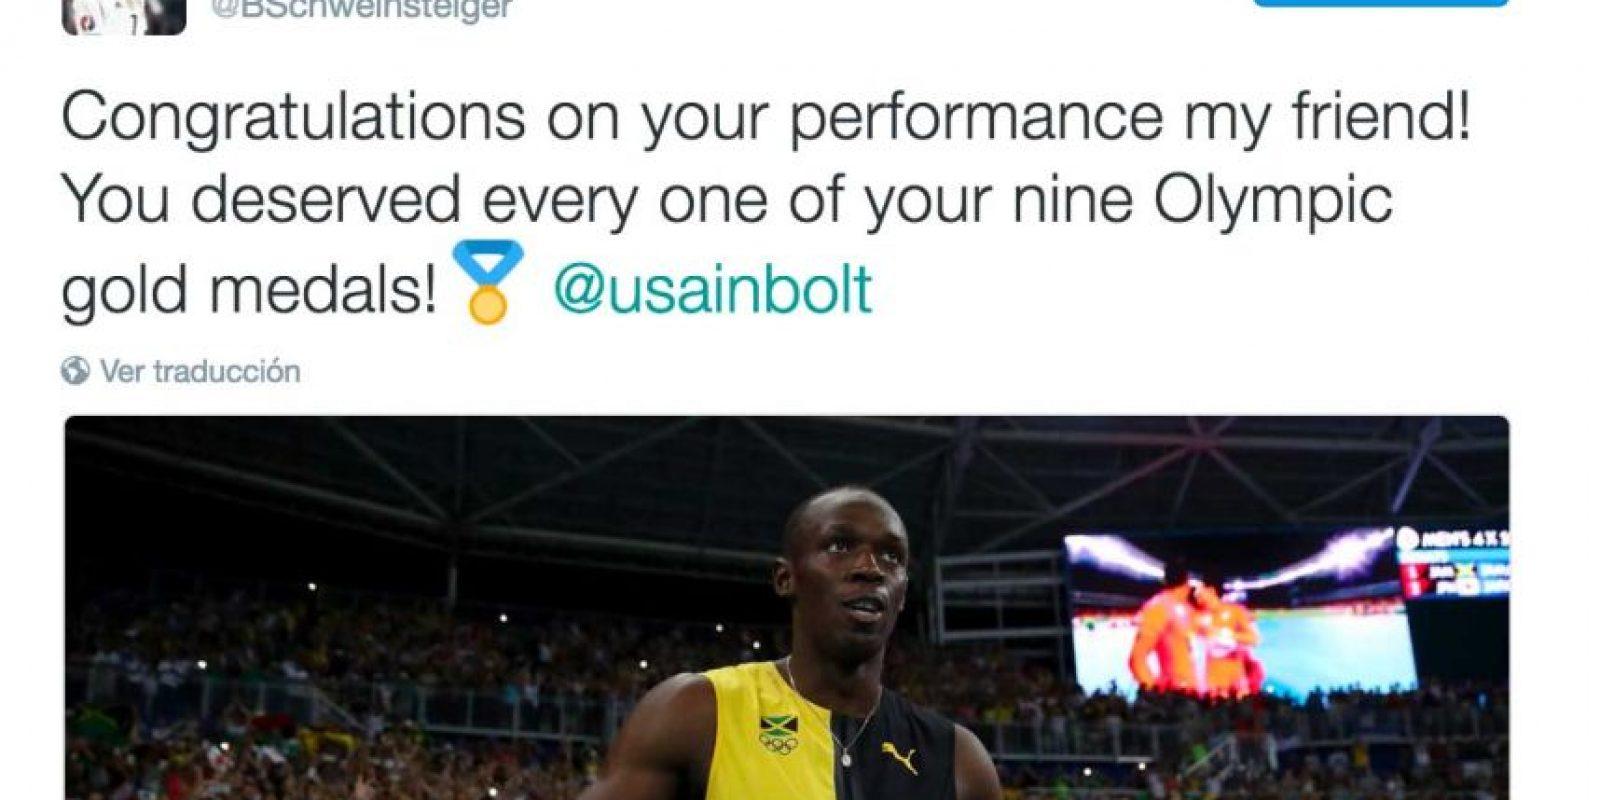 """""""Felicidades por tu actuación, amigo. Te mereces cada una de tus nueve medallas olímpicas"""", publicó Bastian Schweinsteiger. Foto:Twitter"""